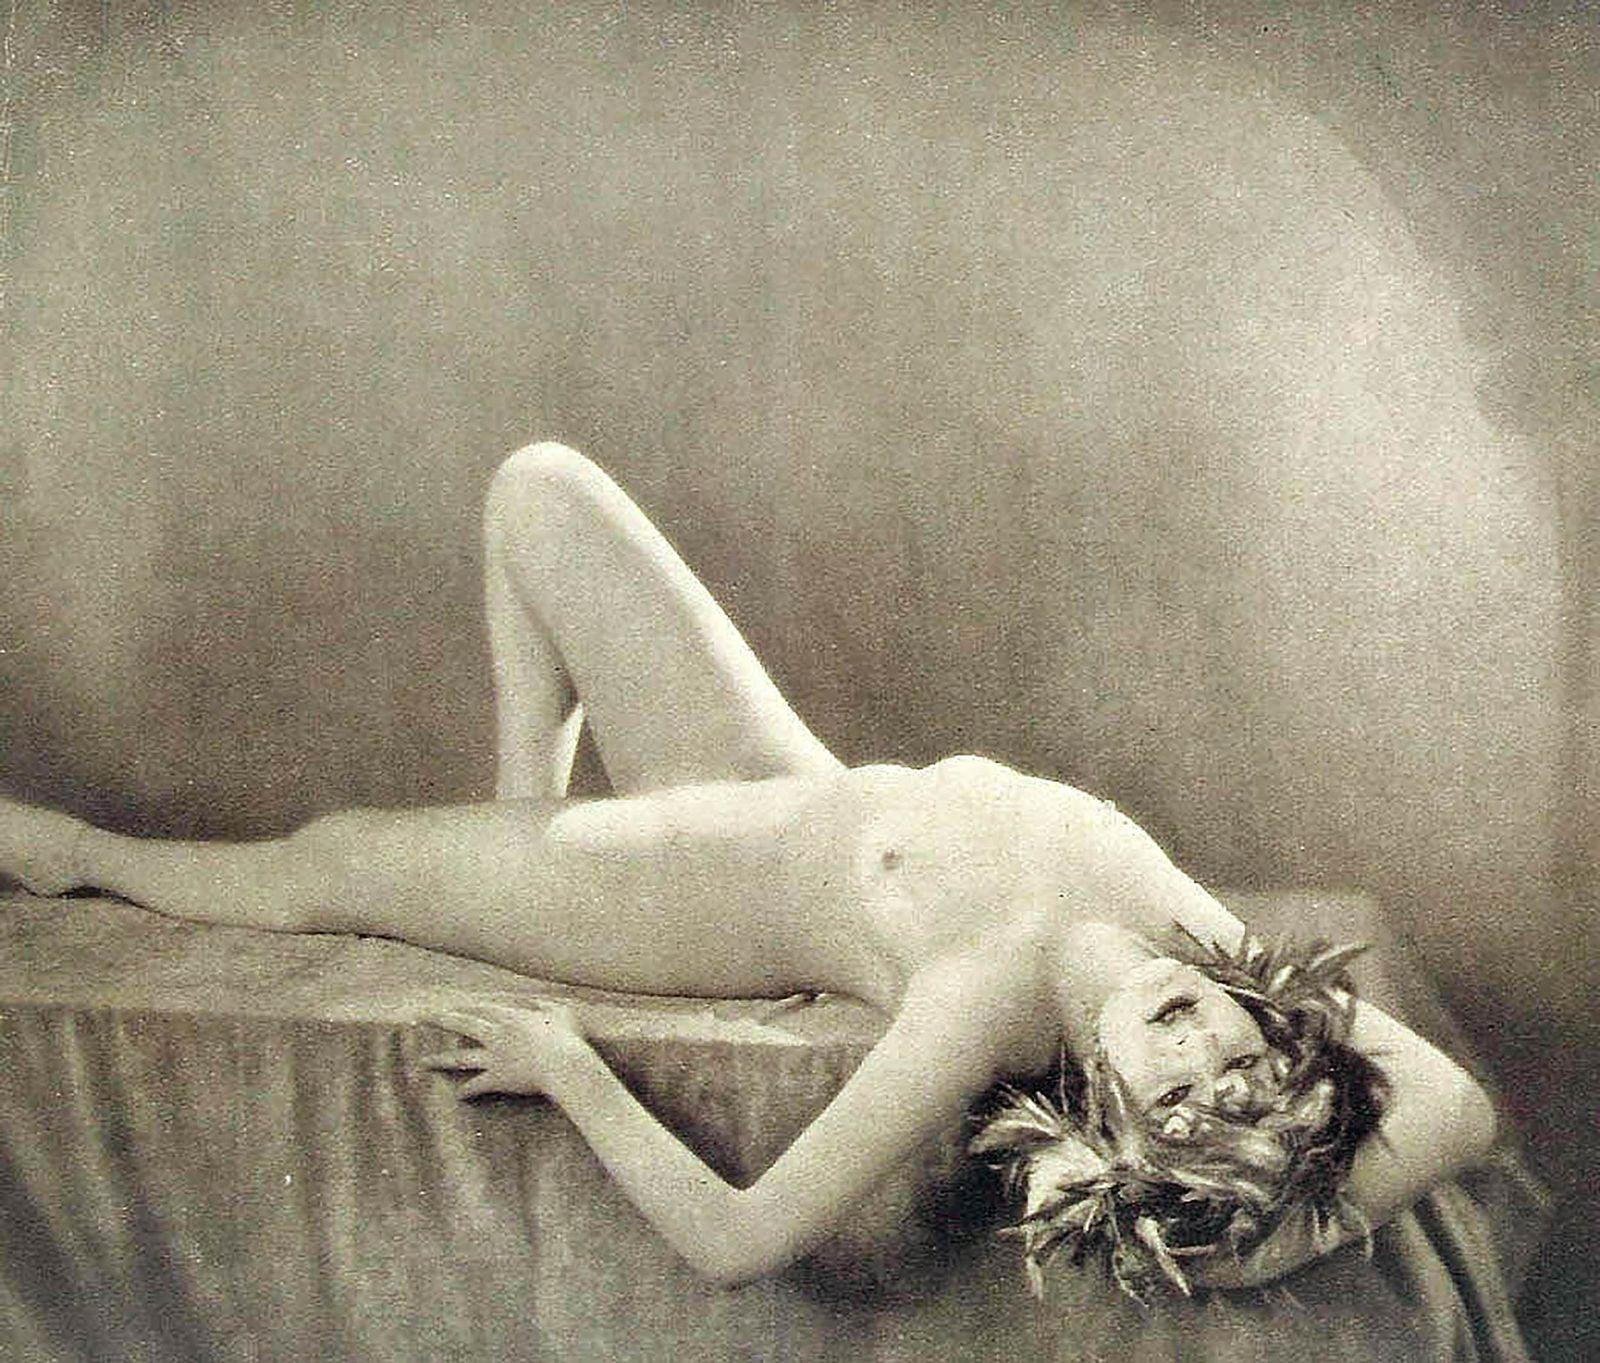 Anita Berber 1920s